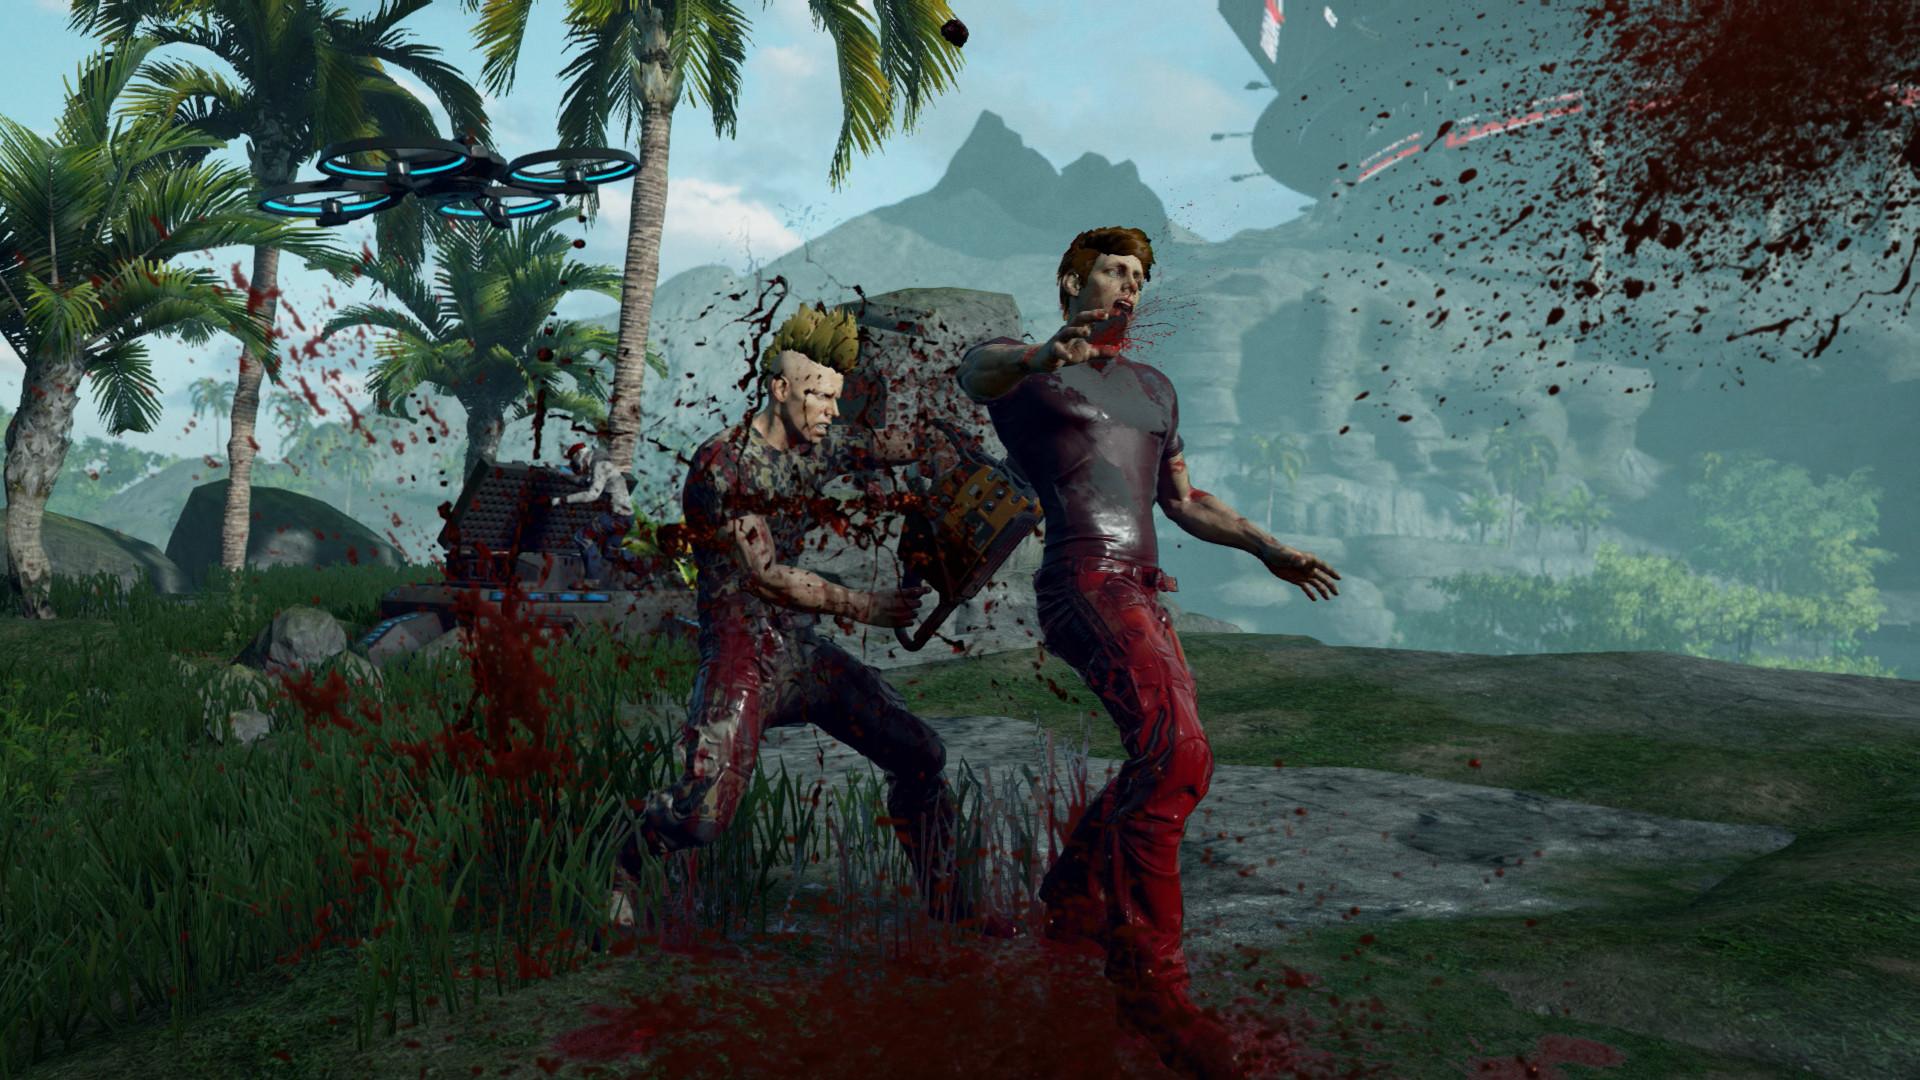 The Culling: Los juegos del hambre y Battle Royale hecho videojuego